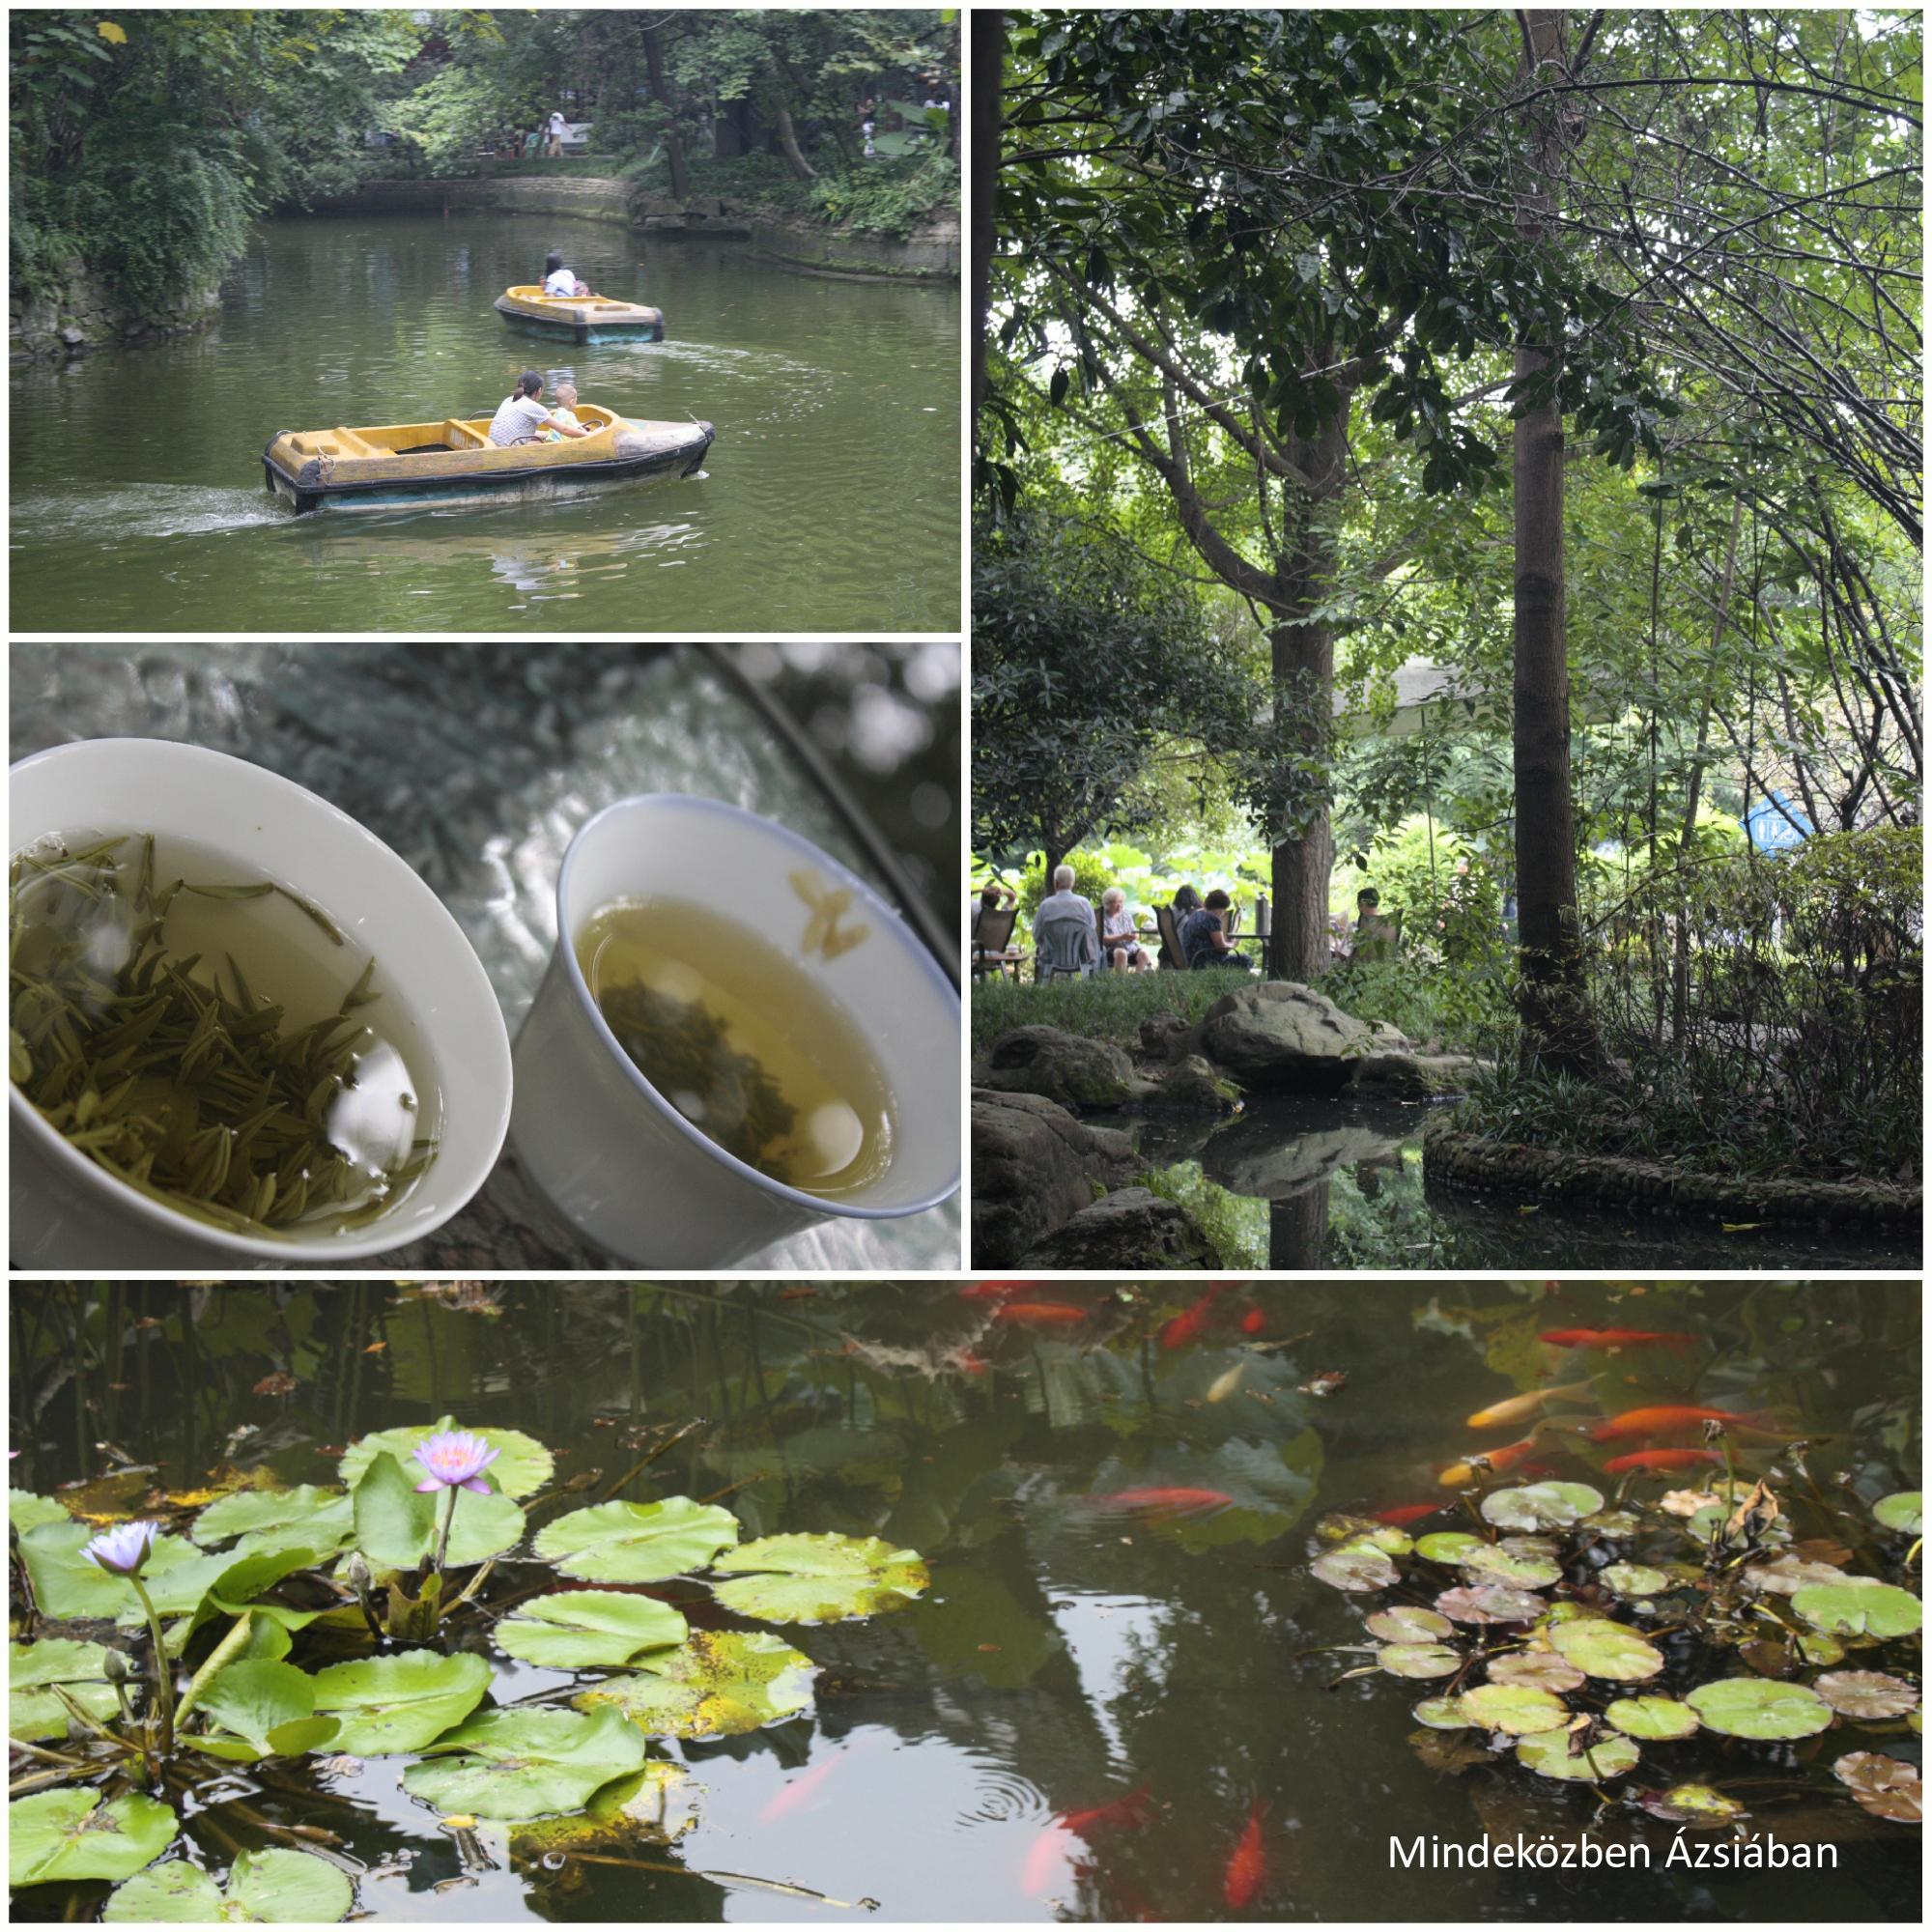 Érezni lehetett a parkokban a virágok illatát, a szecsuáni fűszereket, amik az egész várost bejárták. Nem volt az a szmogos levegő, mint Pekingben!